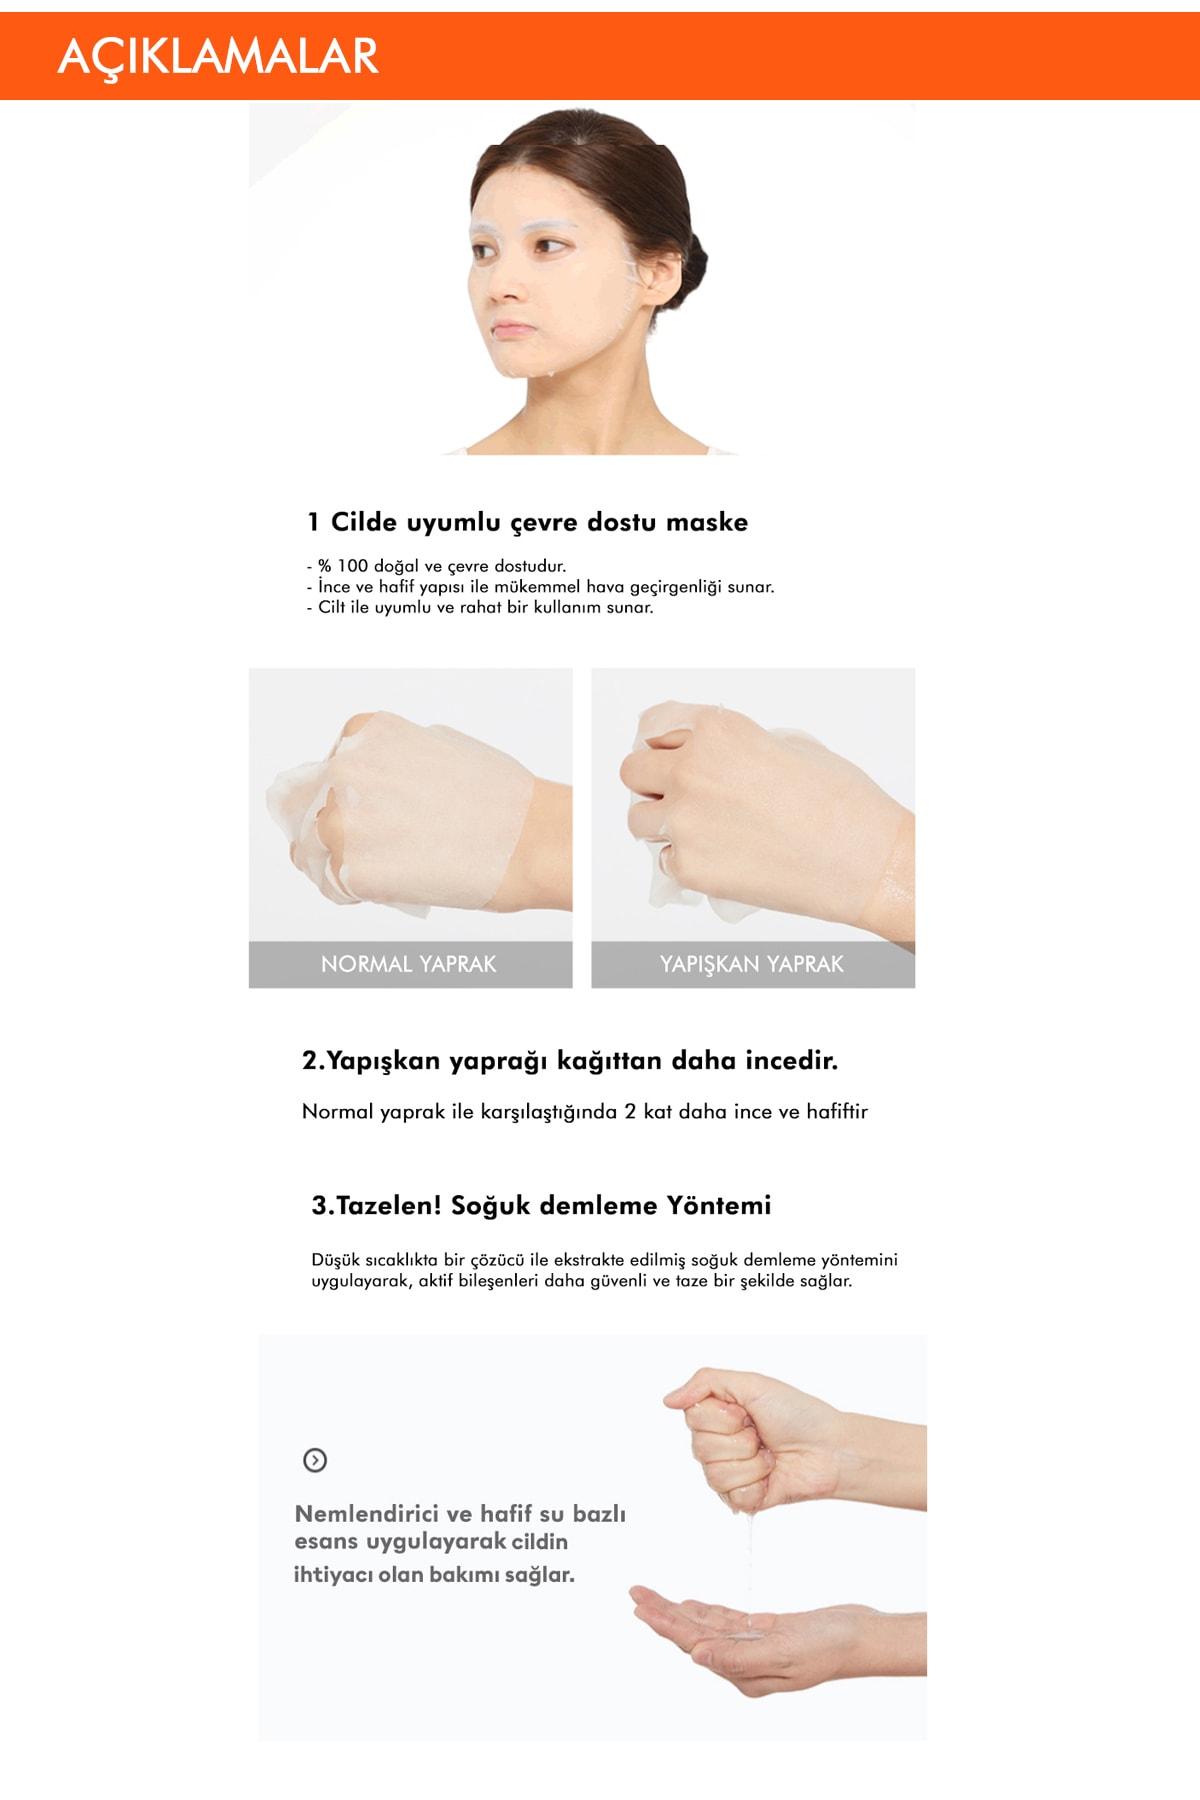 Missha Shea Yağı Besleyici ve Yoğun Nemlendirici Yaprak Maske (1ad) Airy Fit Sheet Mask Shea Butter 2